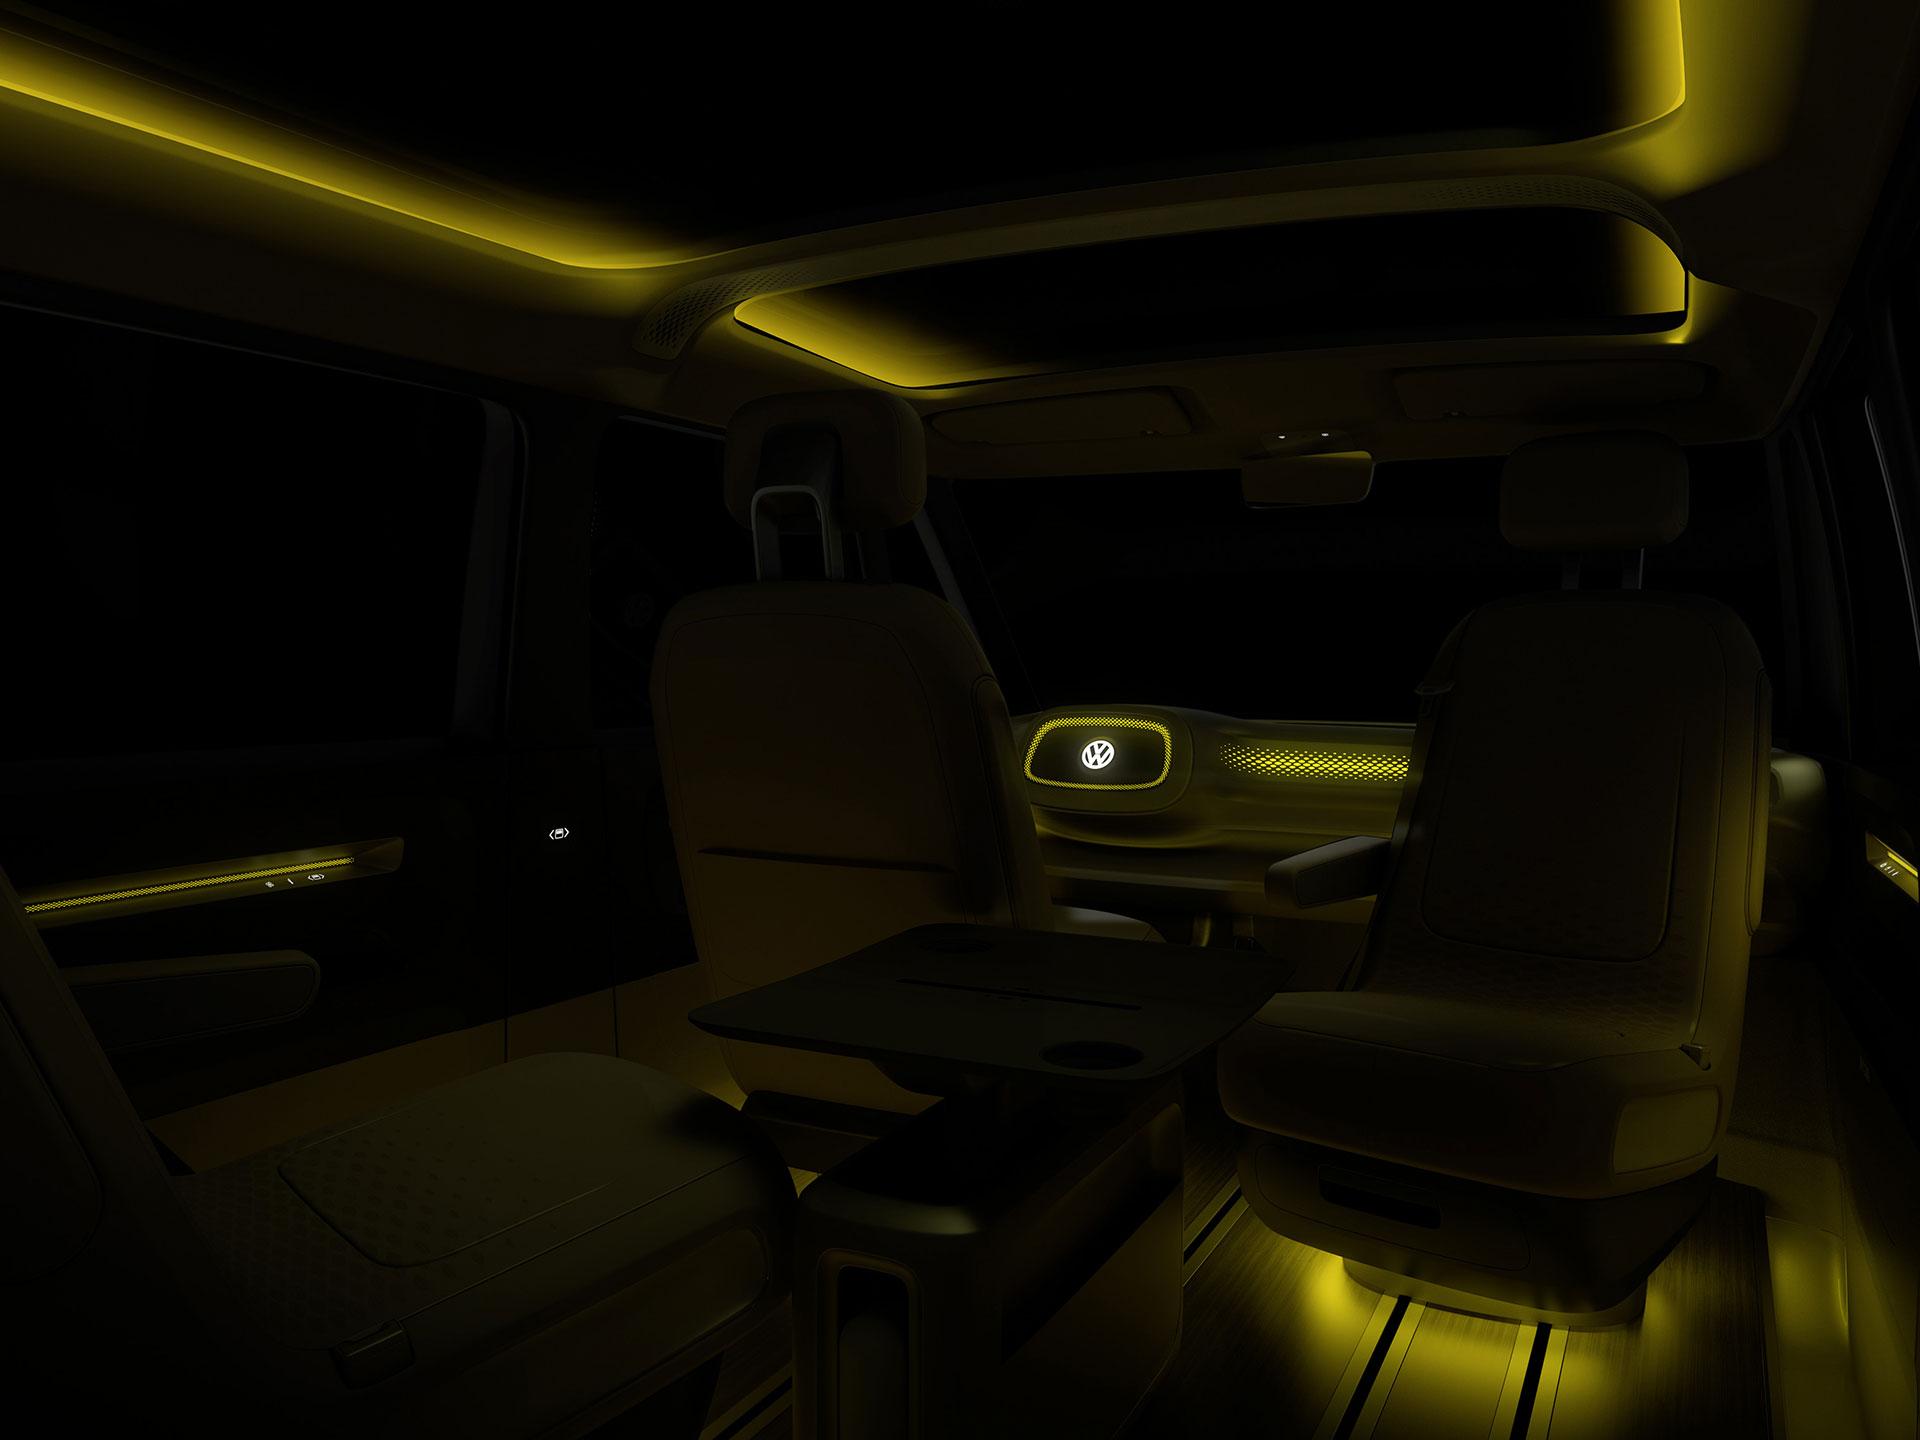 Cuenta con luces LED color amarillo para iluminar el habitáculo en la noche. Foto: Volkswagen